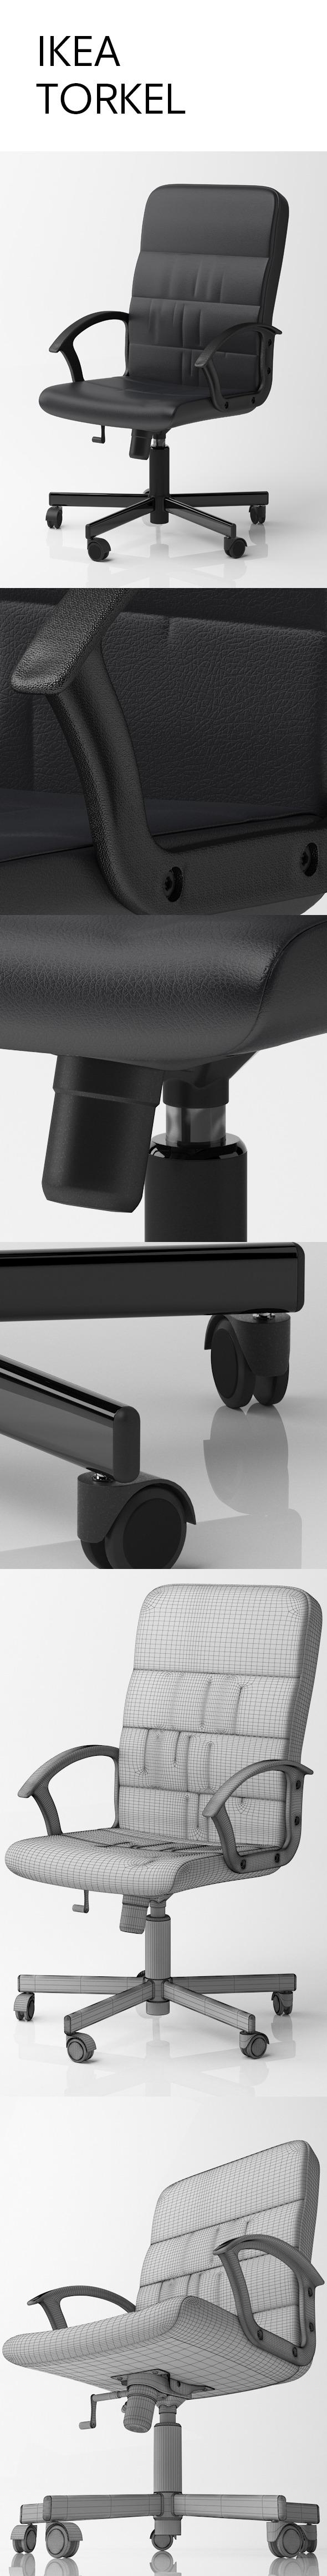 IKEA TORKEL - 3DOcean Item for Sale